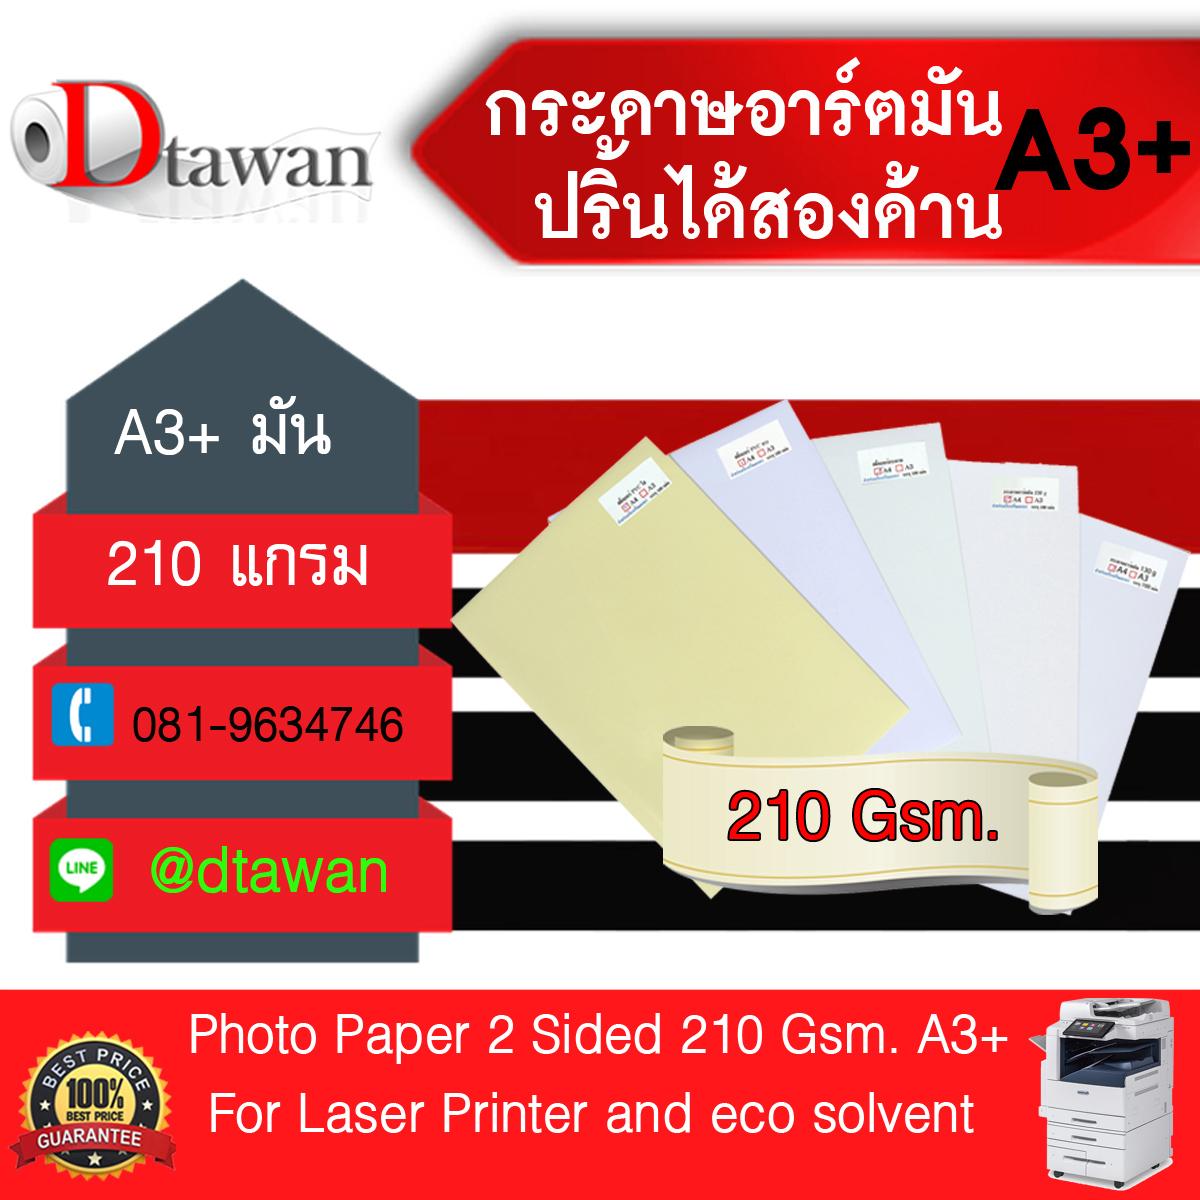 กระดาษอาร์ตมัน 2หน้า 210g (210แกรม) ขนาด A3+ (13x19นิ้ว)